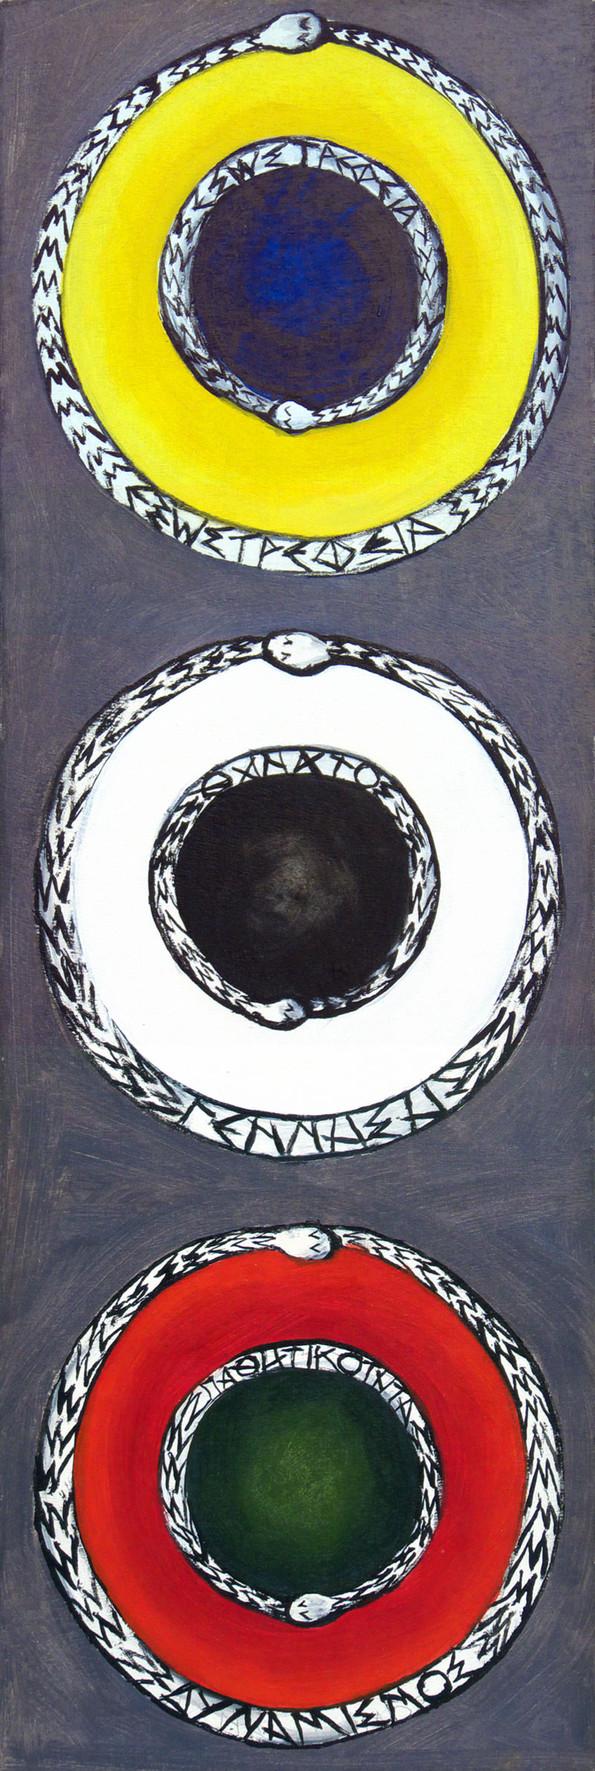 Δίπολα, 2004_Εξωστρέφεια/Εσωστρέφεια, Γέννηση/Θάνατος, Δυναμισμός/Παθητικότητα